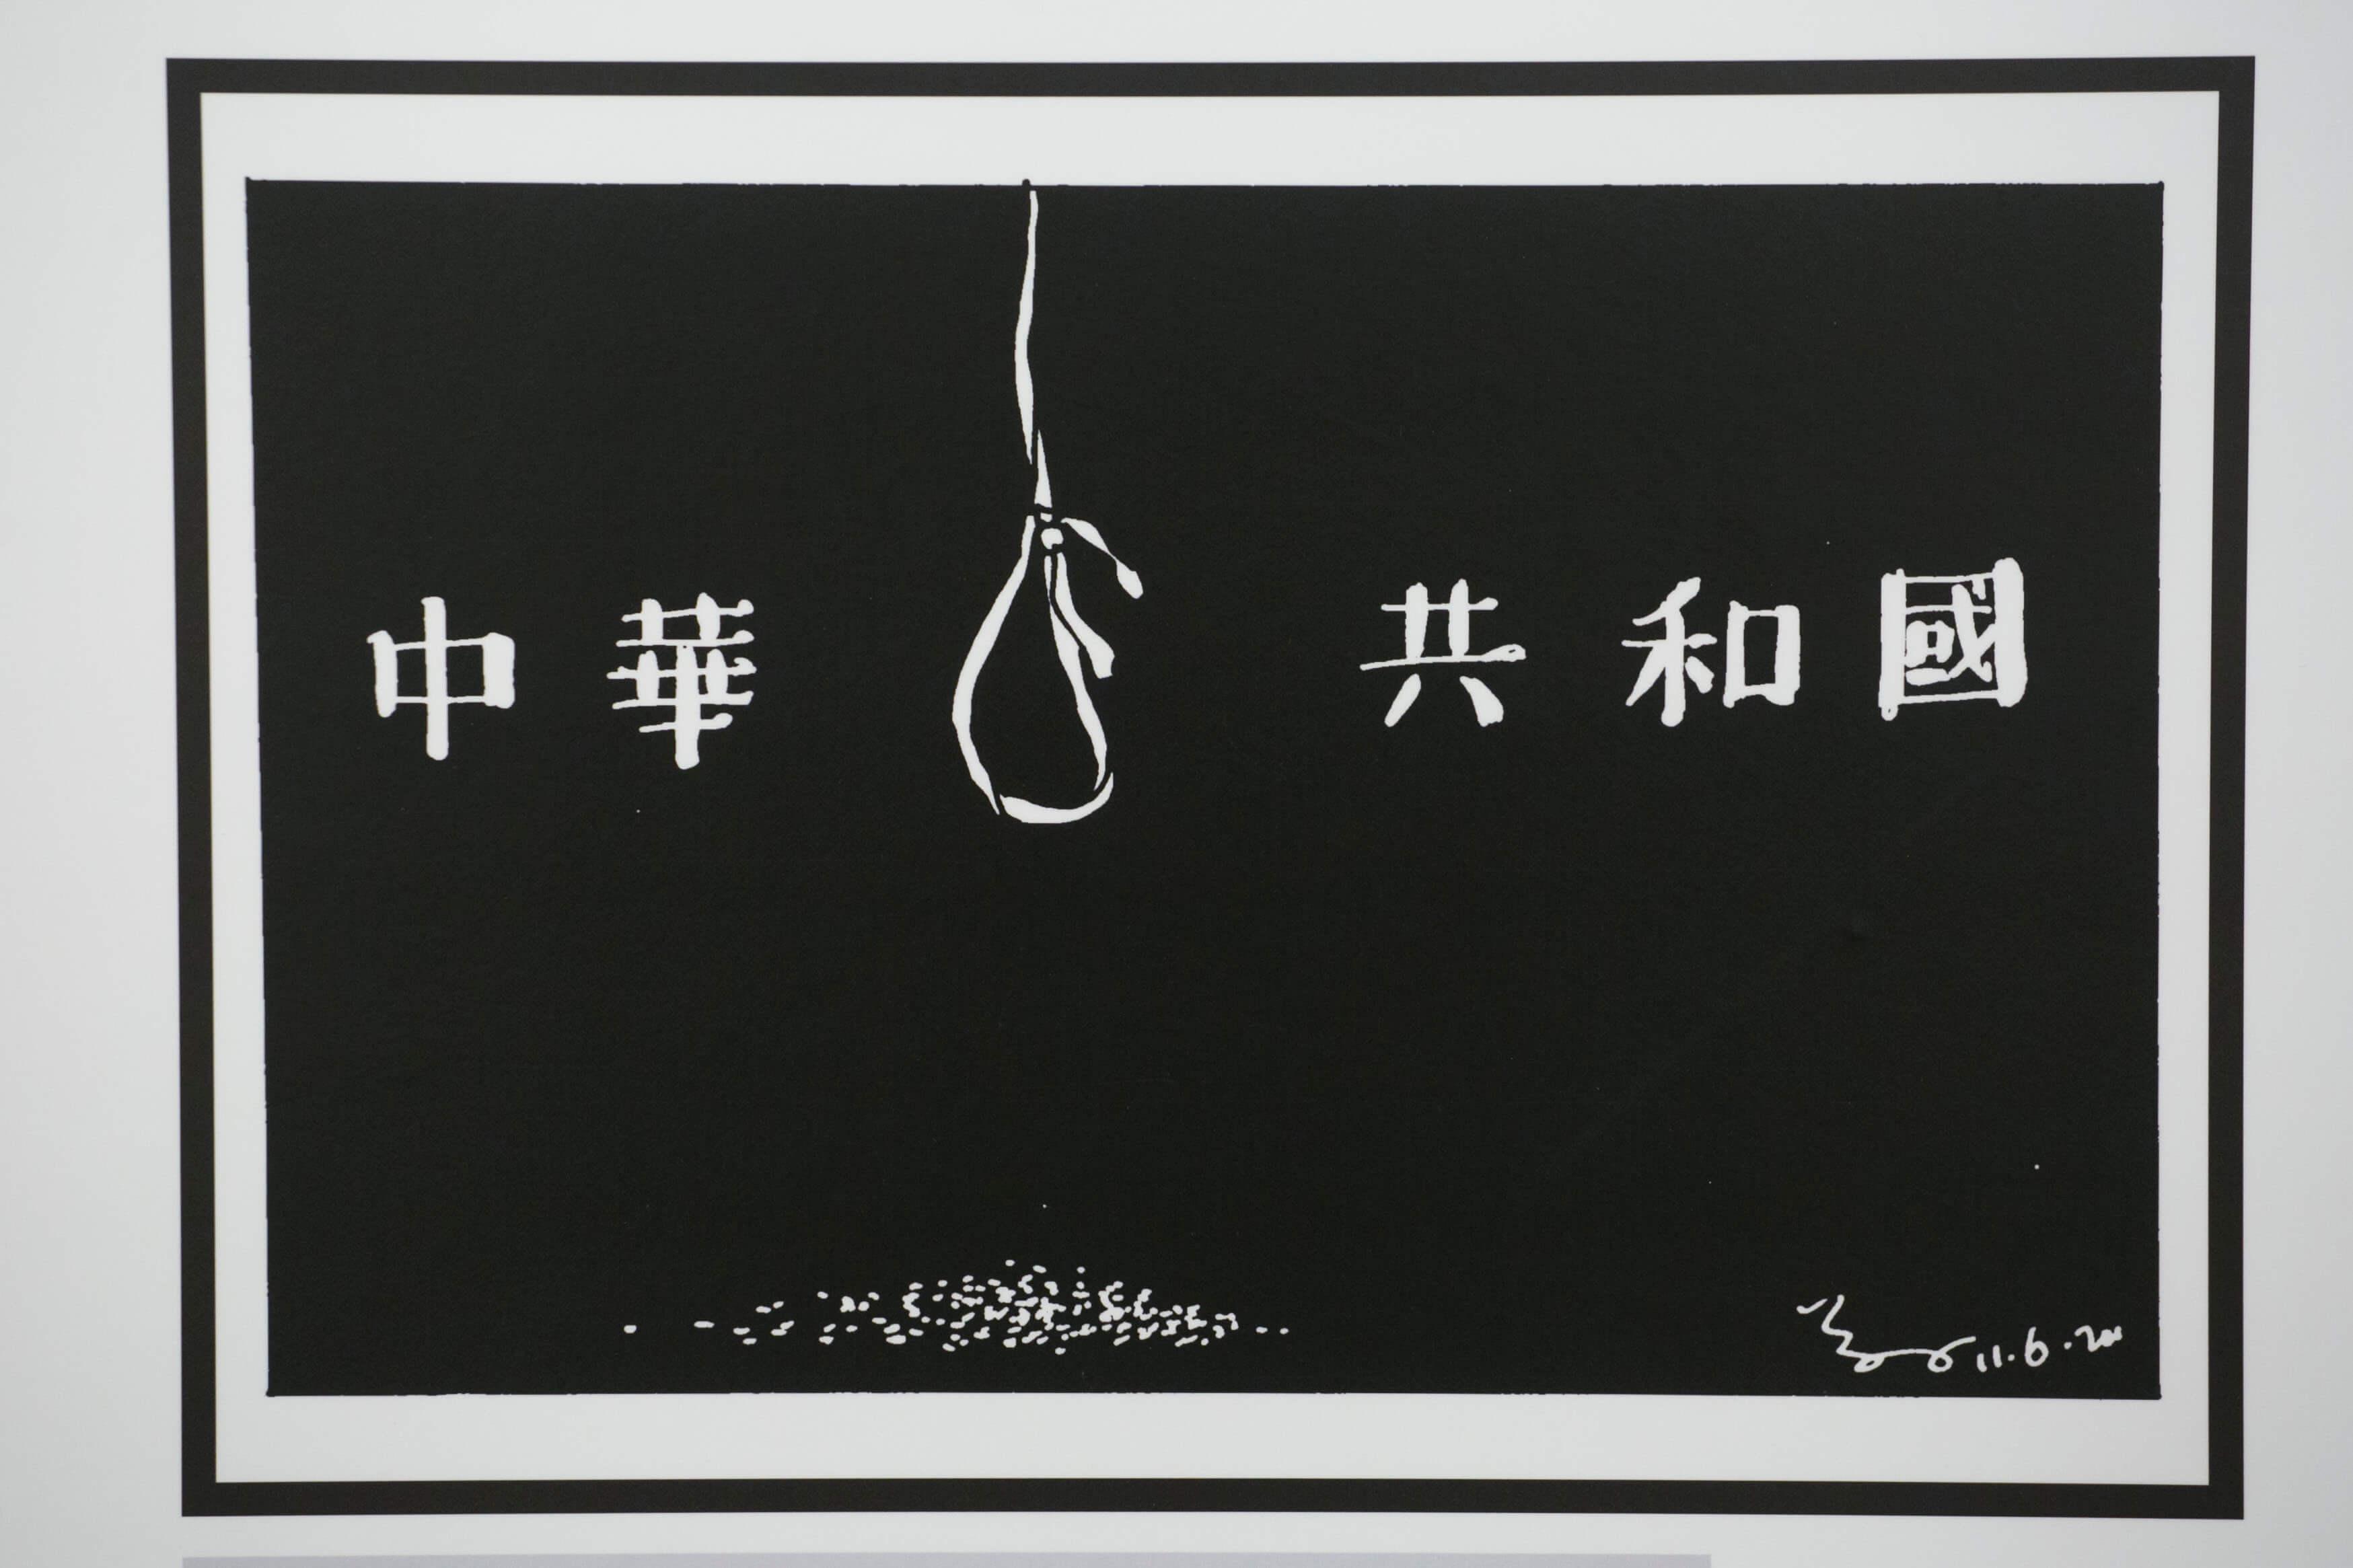 《中國__共和國(記李旺陽)》,尊子繪,六四民運 勞工維權人士李旺陽被判 囚廿二年,2012年出獄後 接受有線電視訪問,拋下 一句「寧可砍頭,也不回頭」。其後離奇死亡,坊間稱為「被自殺」。